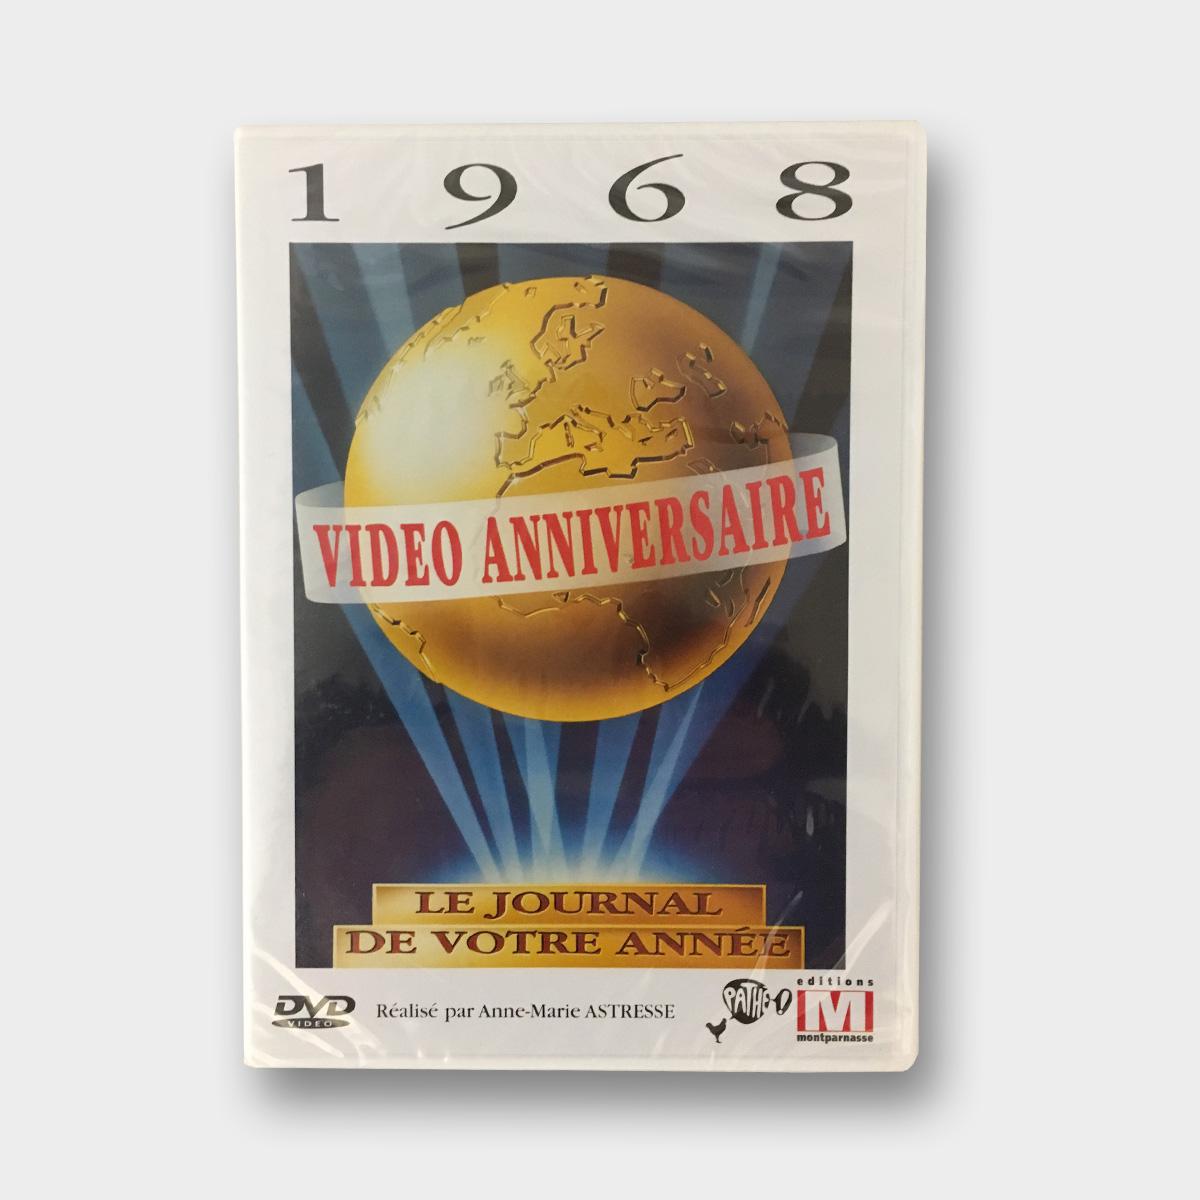 DVD anniversaire disponible à l'achat chez le journal anniversaire de la librairie la fontaine aux canards